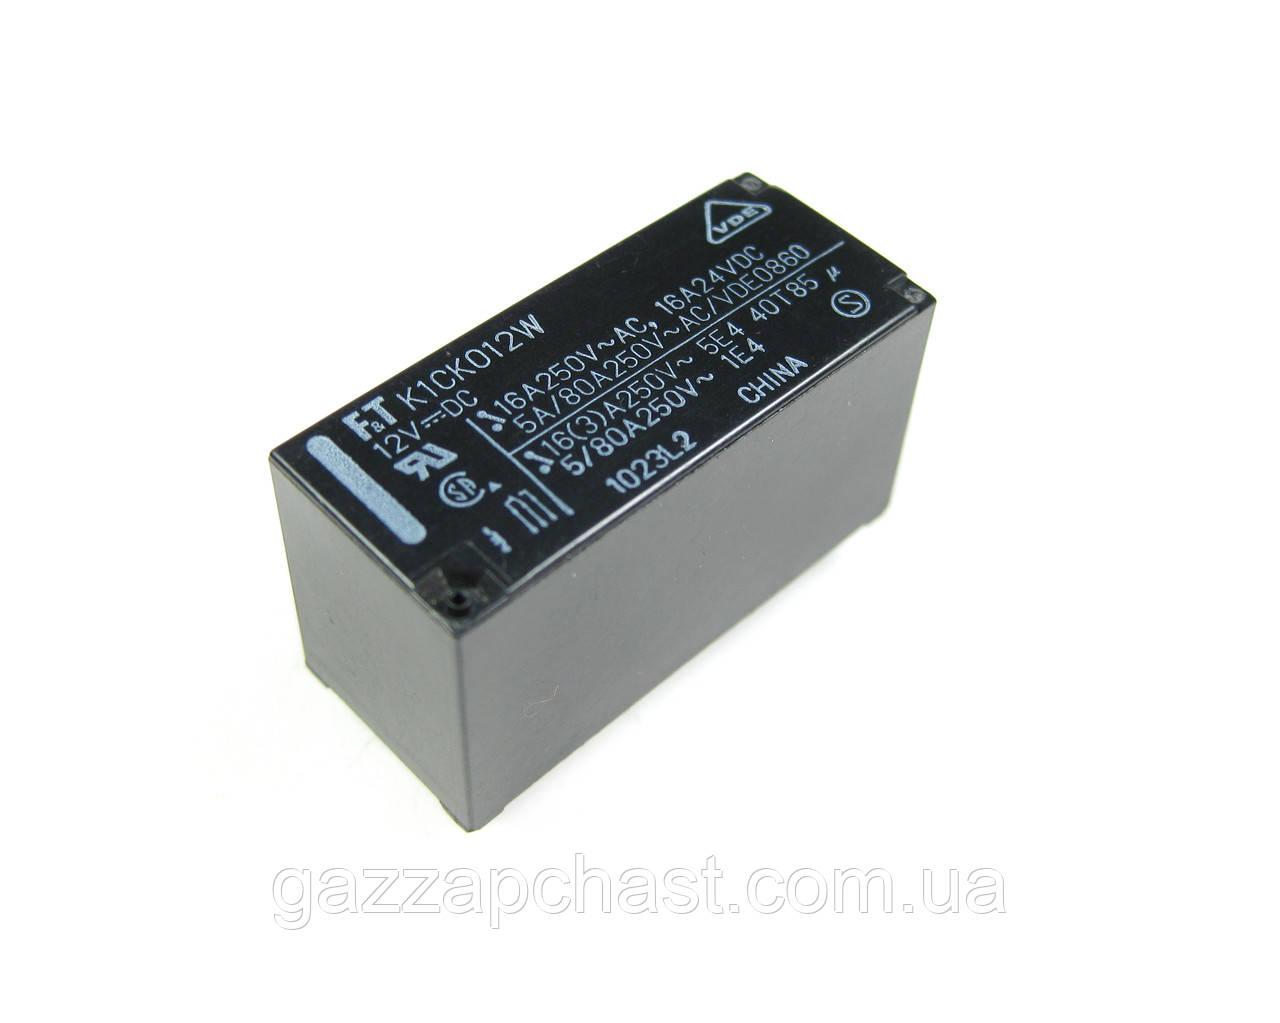 Реле FTR-K1CK012W для ремонта электронных плат котлов Mora Top, холодильников Samsung (Fujitsu)